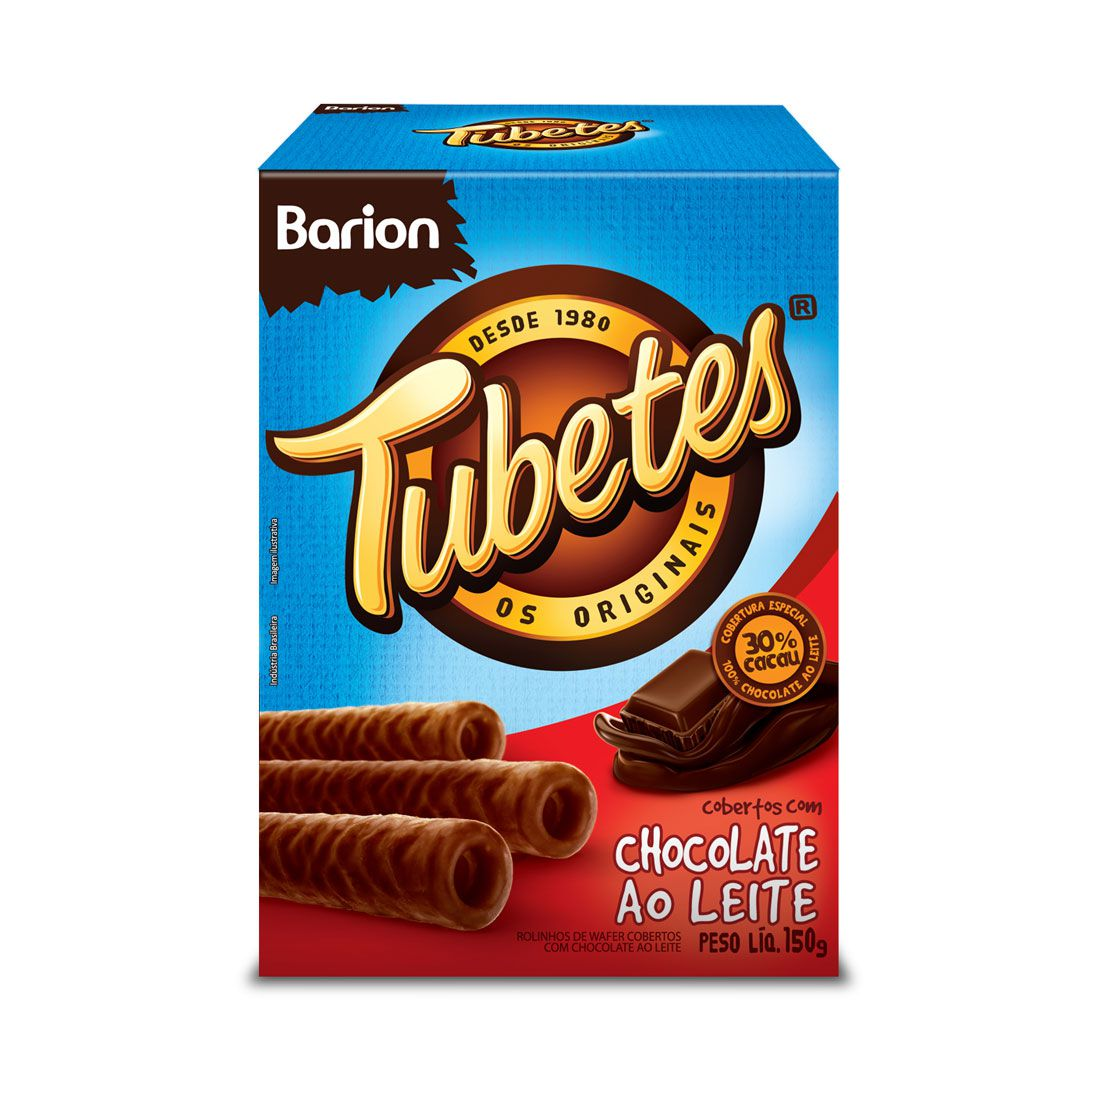 Tubetes  Coberto com chocolate ao leite 150g